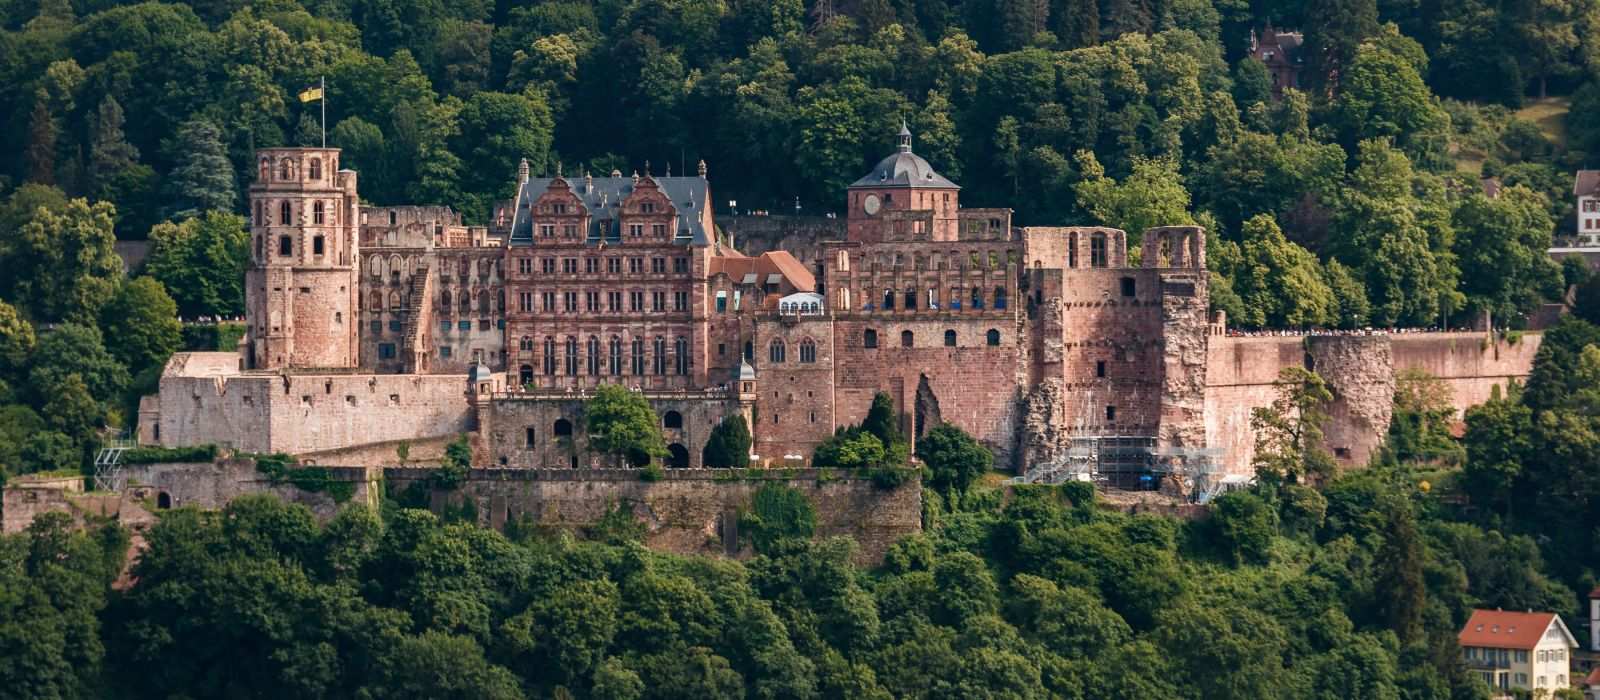 The castle (castle ruin) in Heidelberg, Baden Wuerttemberg, Germany, Europe